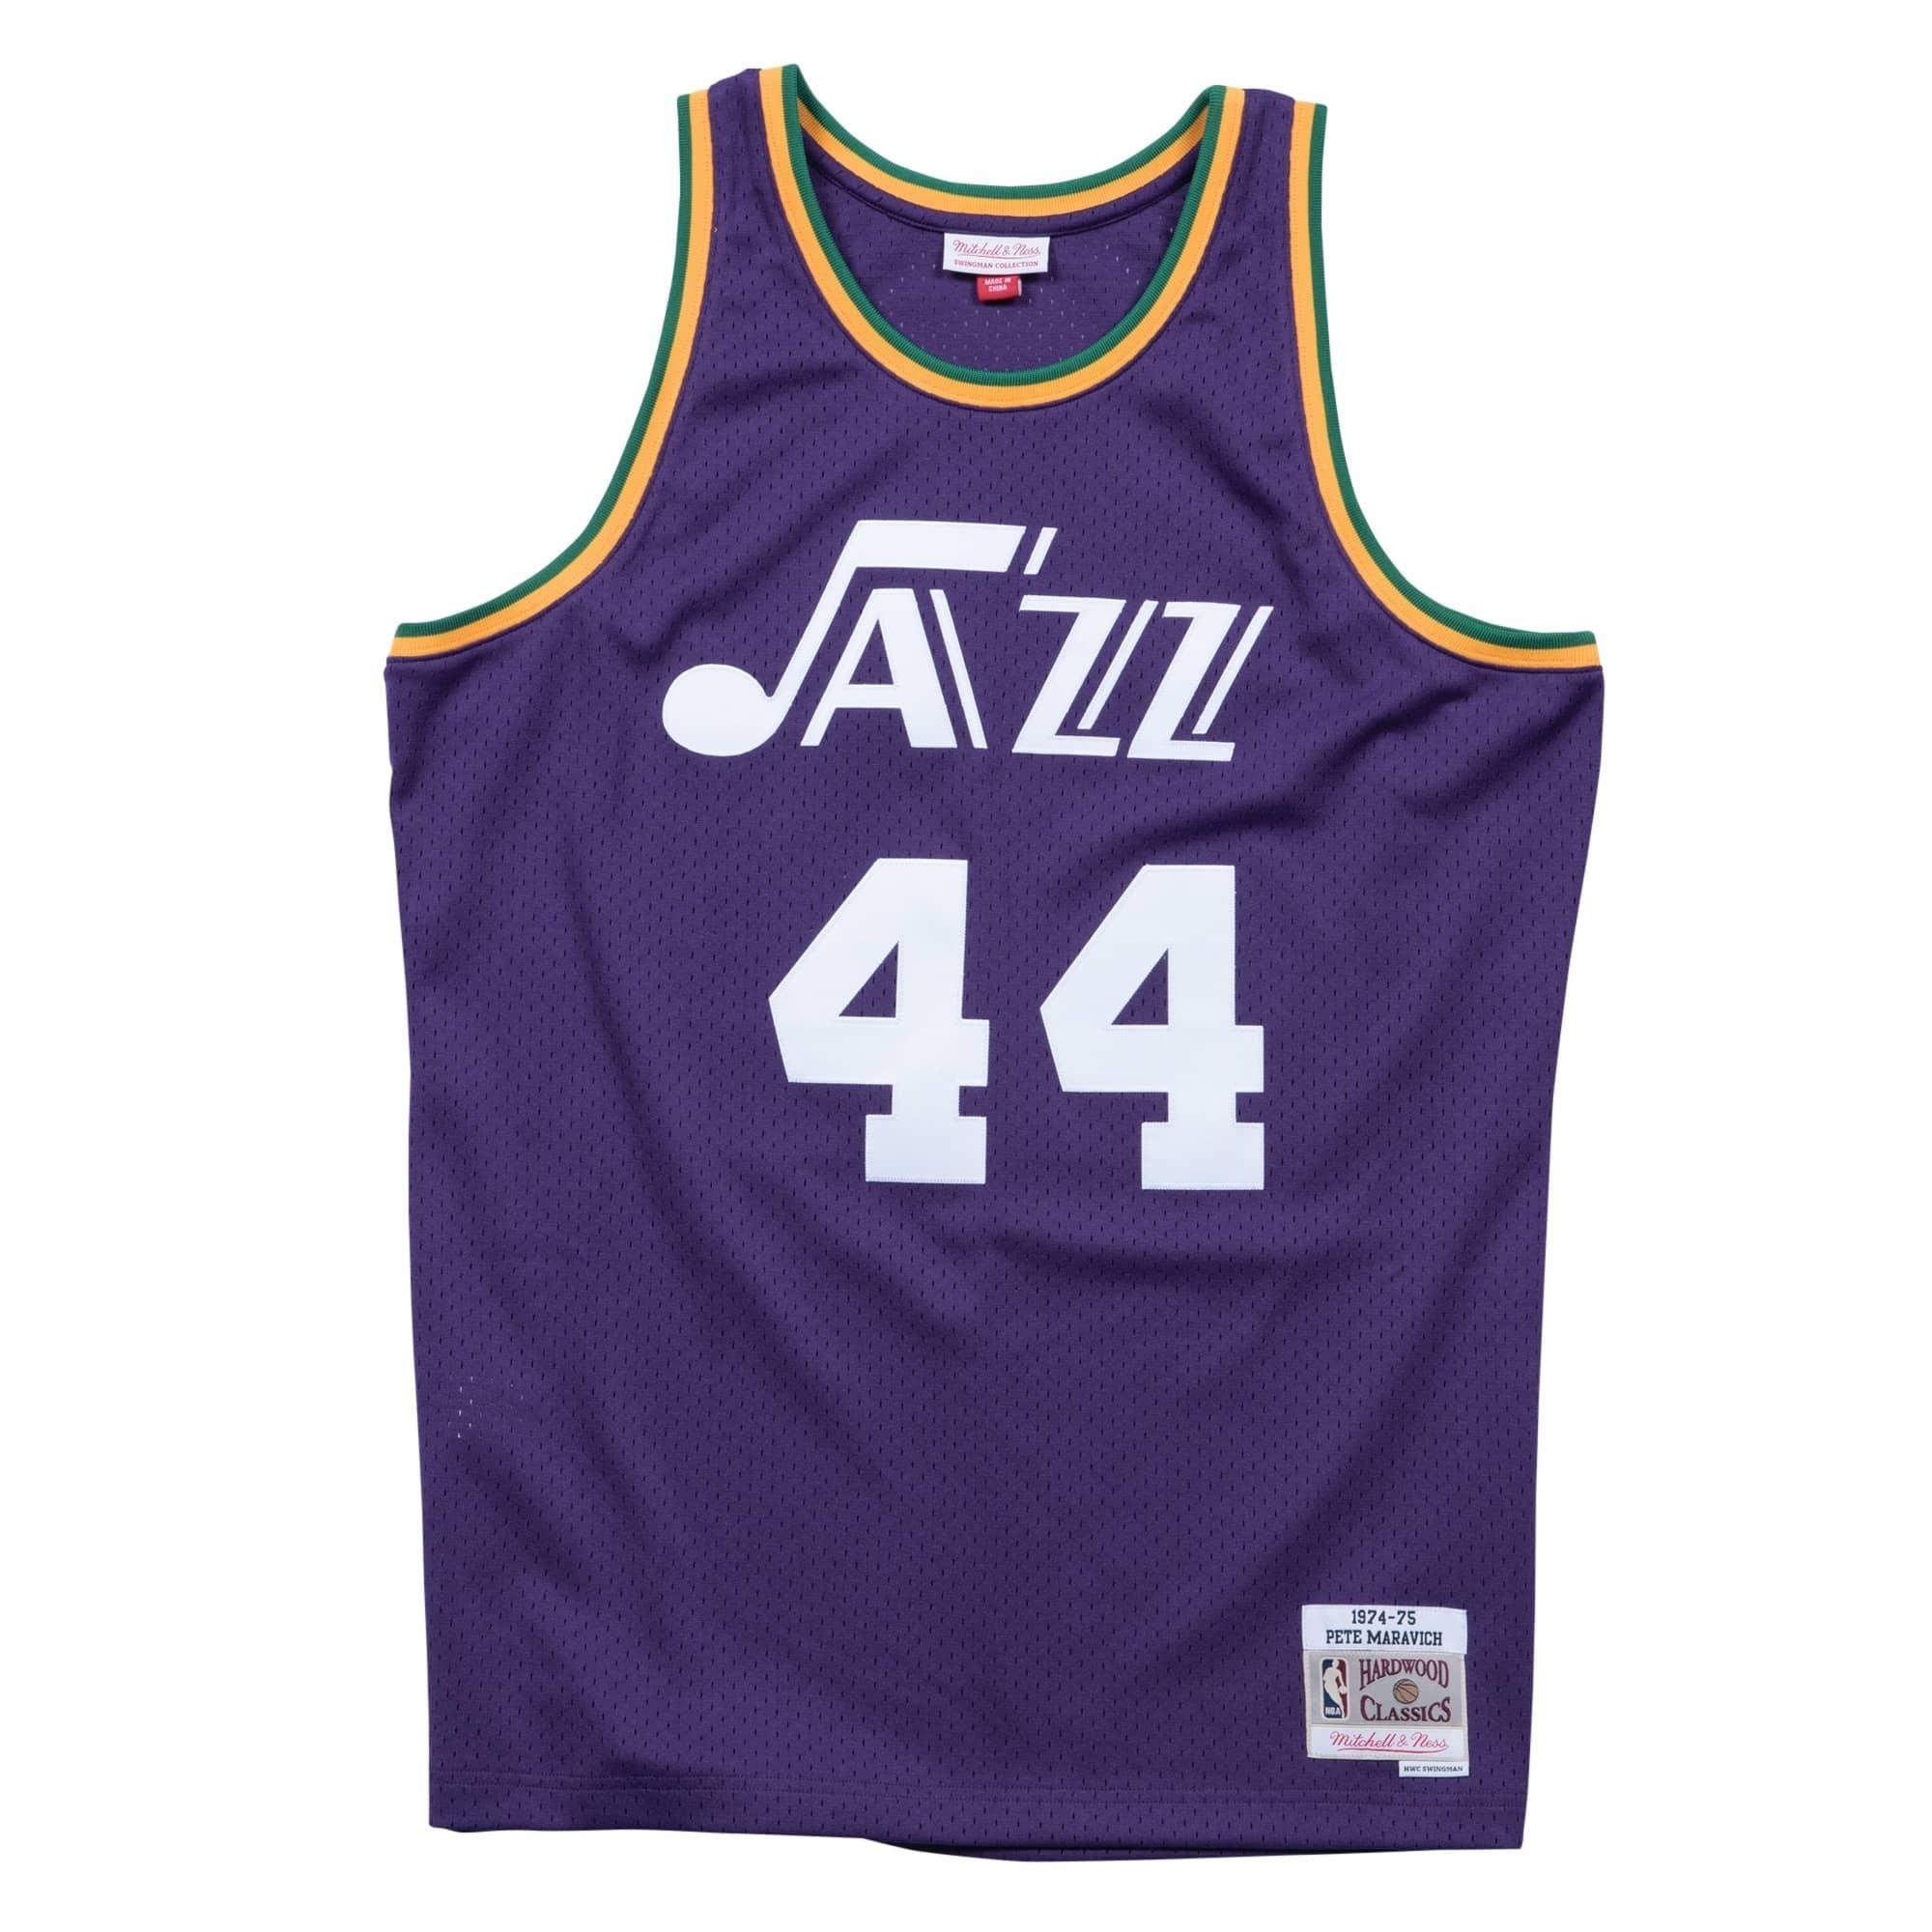 b408104b2b0 Mitchell & Ness Pete Maravich #44 New Orleans Jazz 1974-75 Swingman NBA  Jersey Purple | TAASS.com Fan Shop